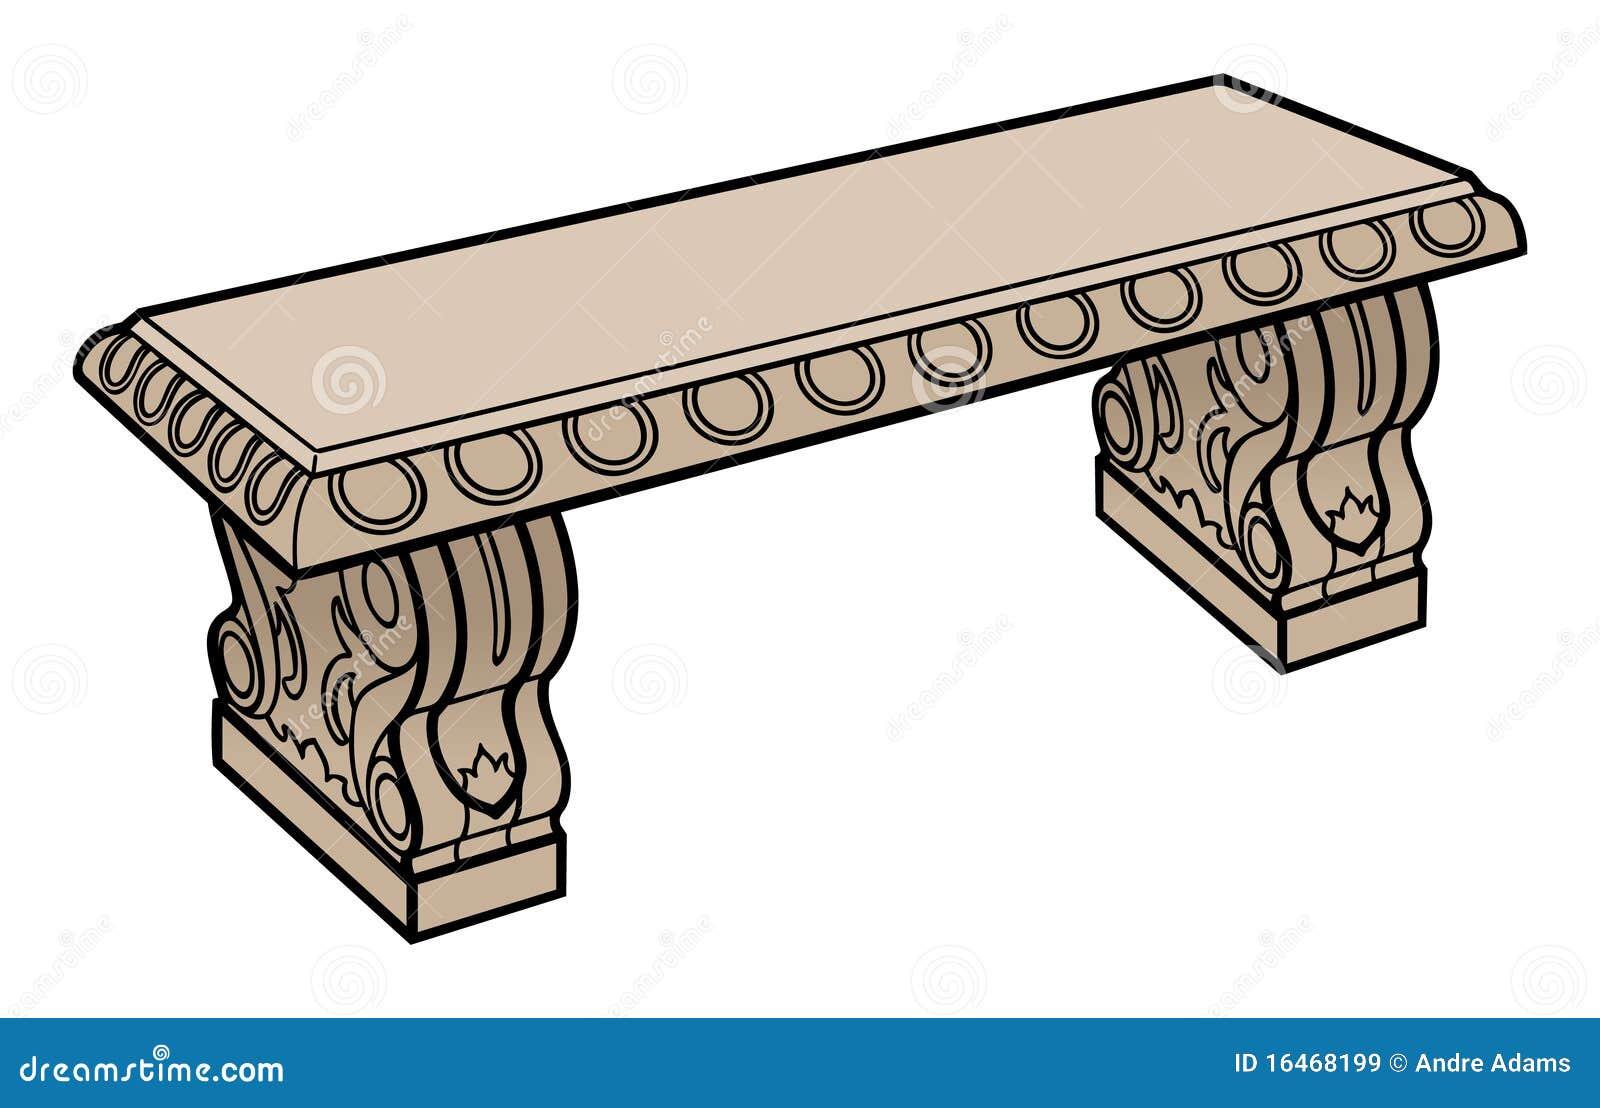 Banc En Pierre Ancien tout banc du grec ancien illustration stock. image du course - 16468199